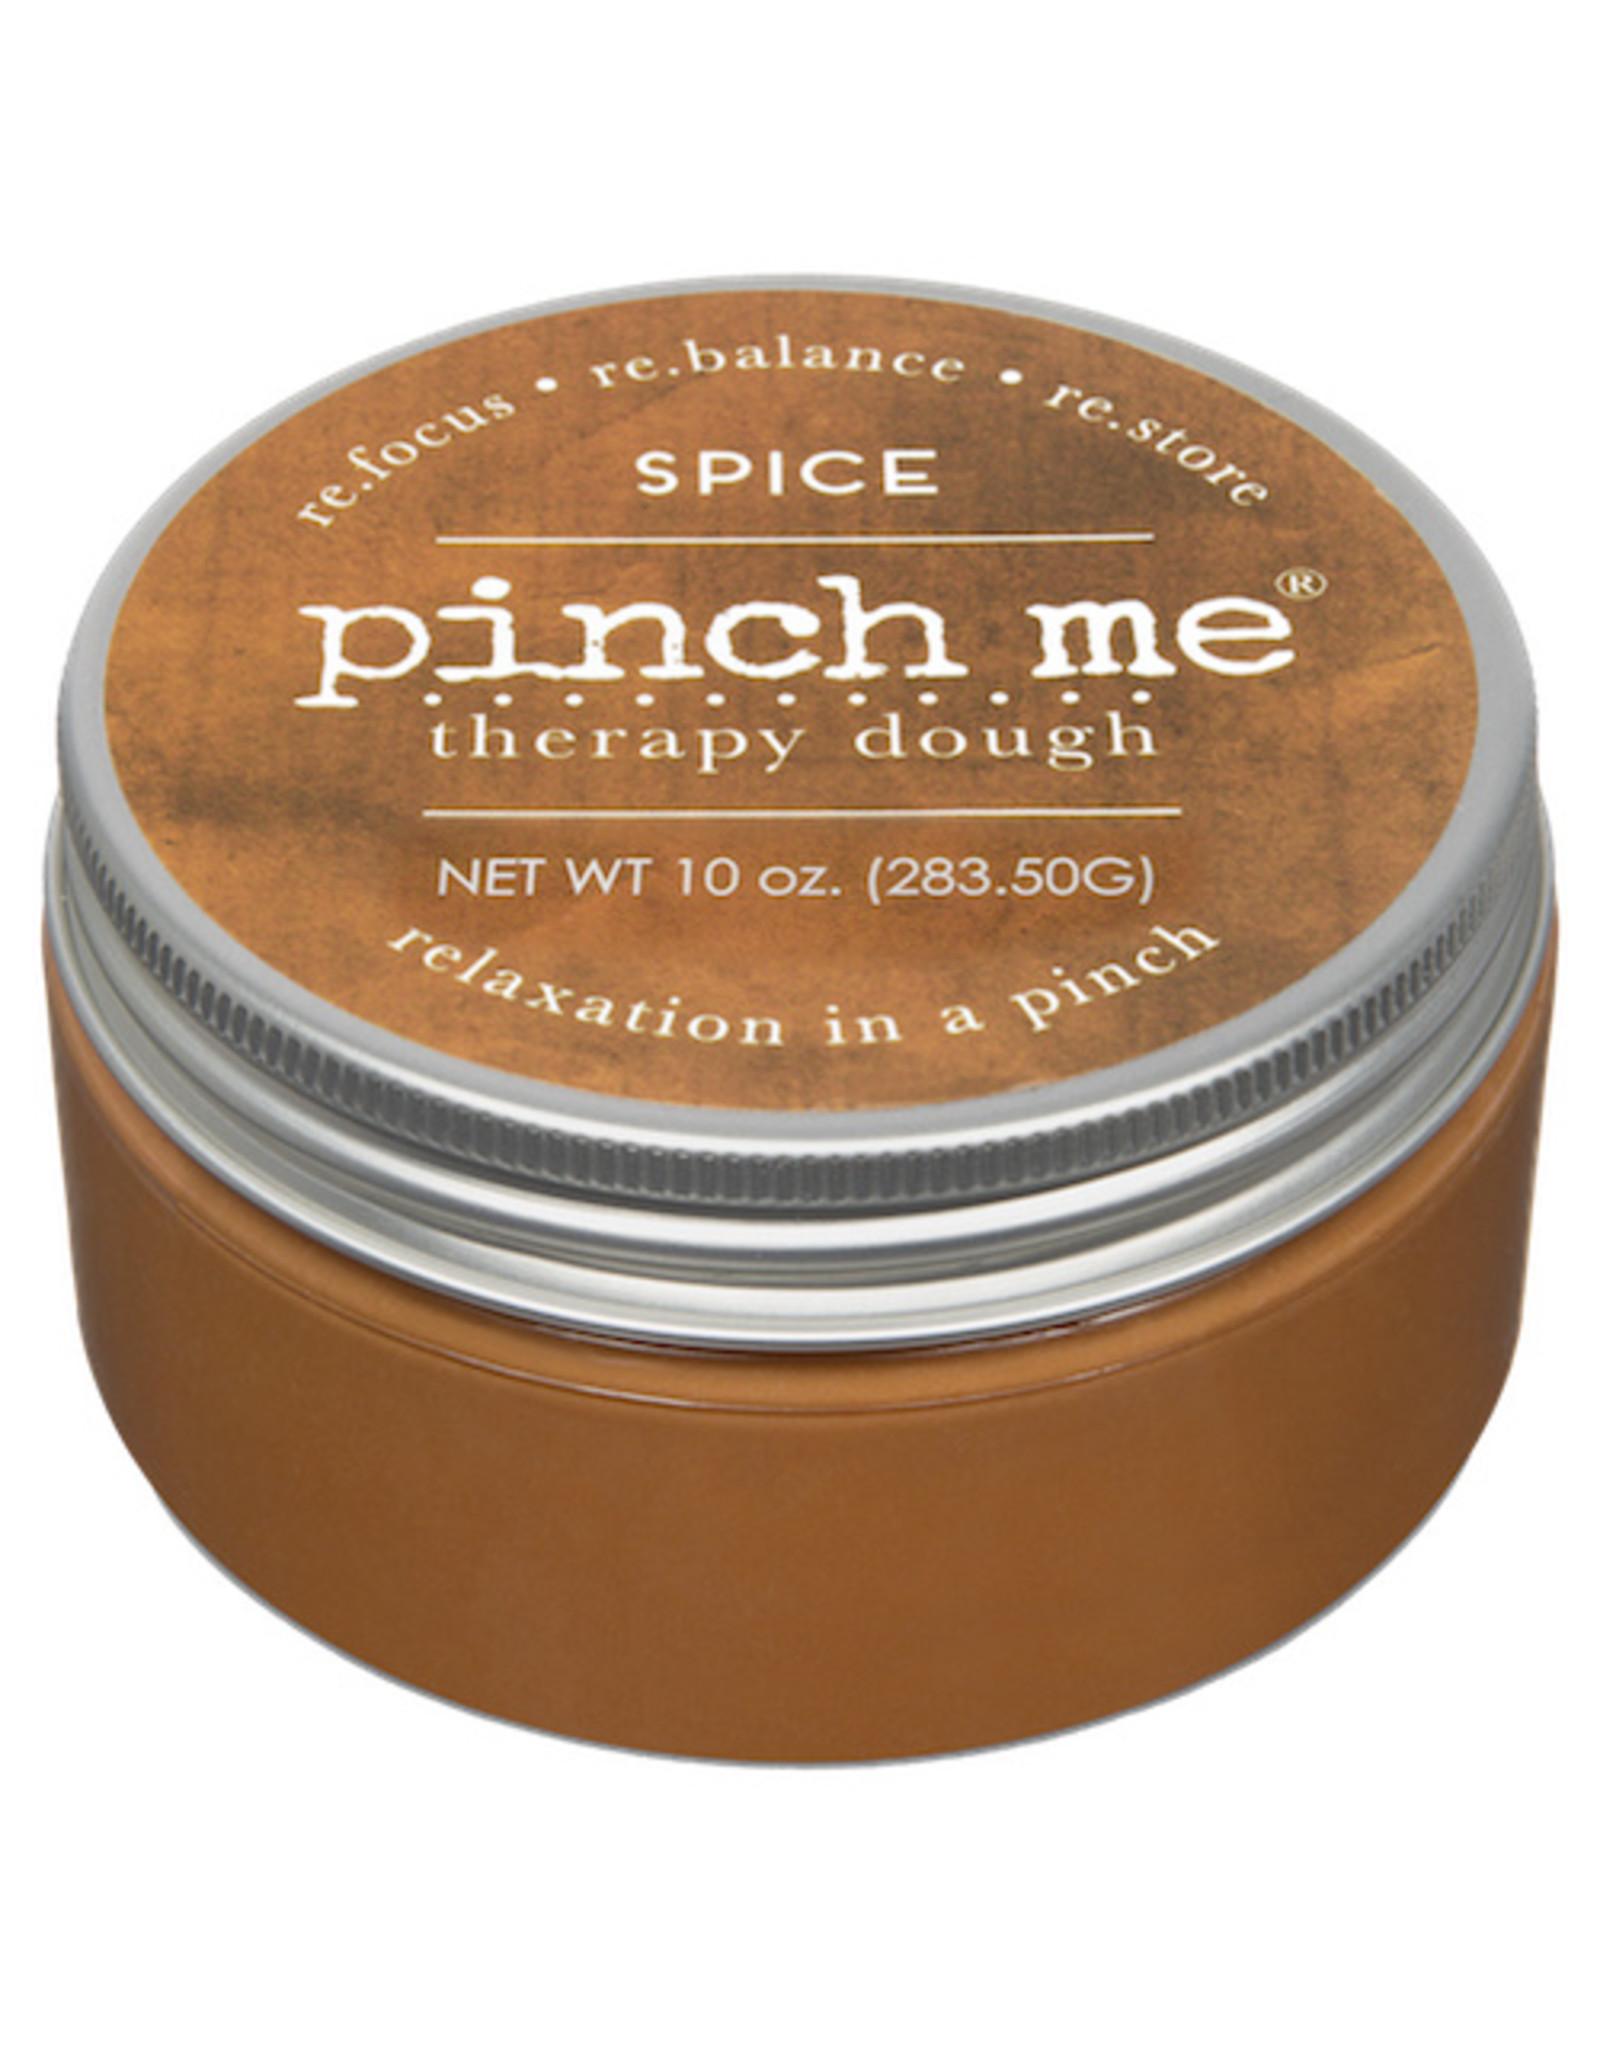 Pinch Me Pinch Me Dough 4oz